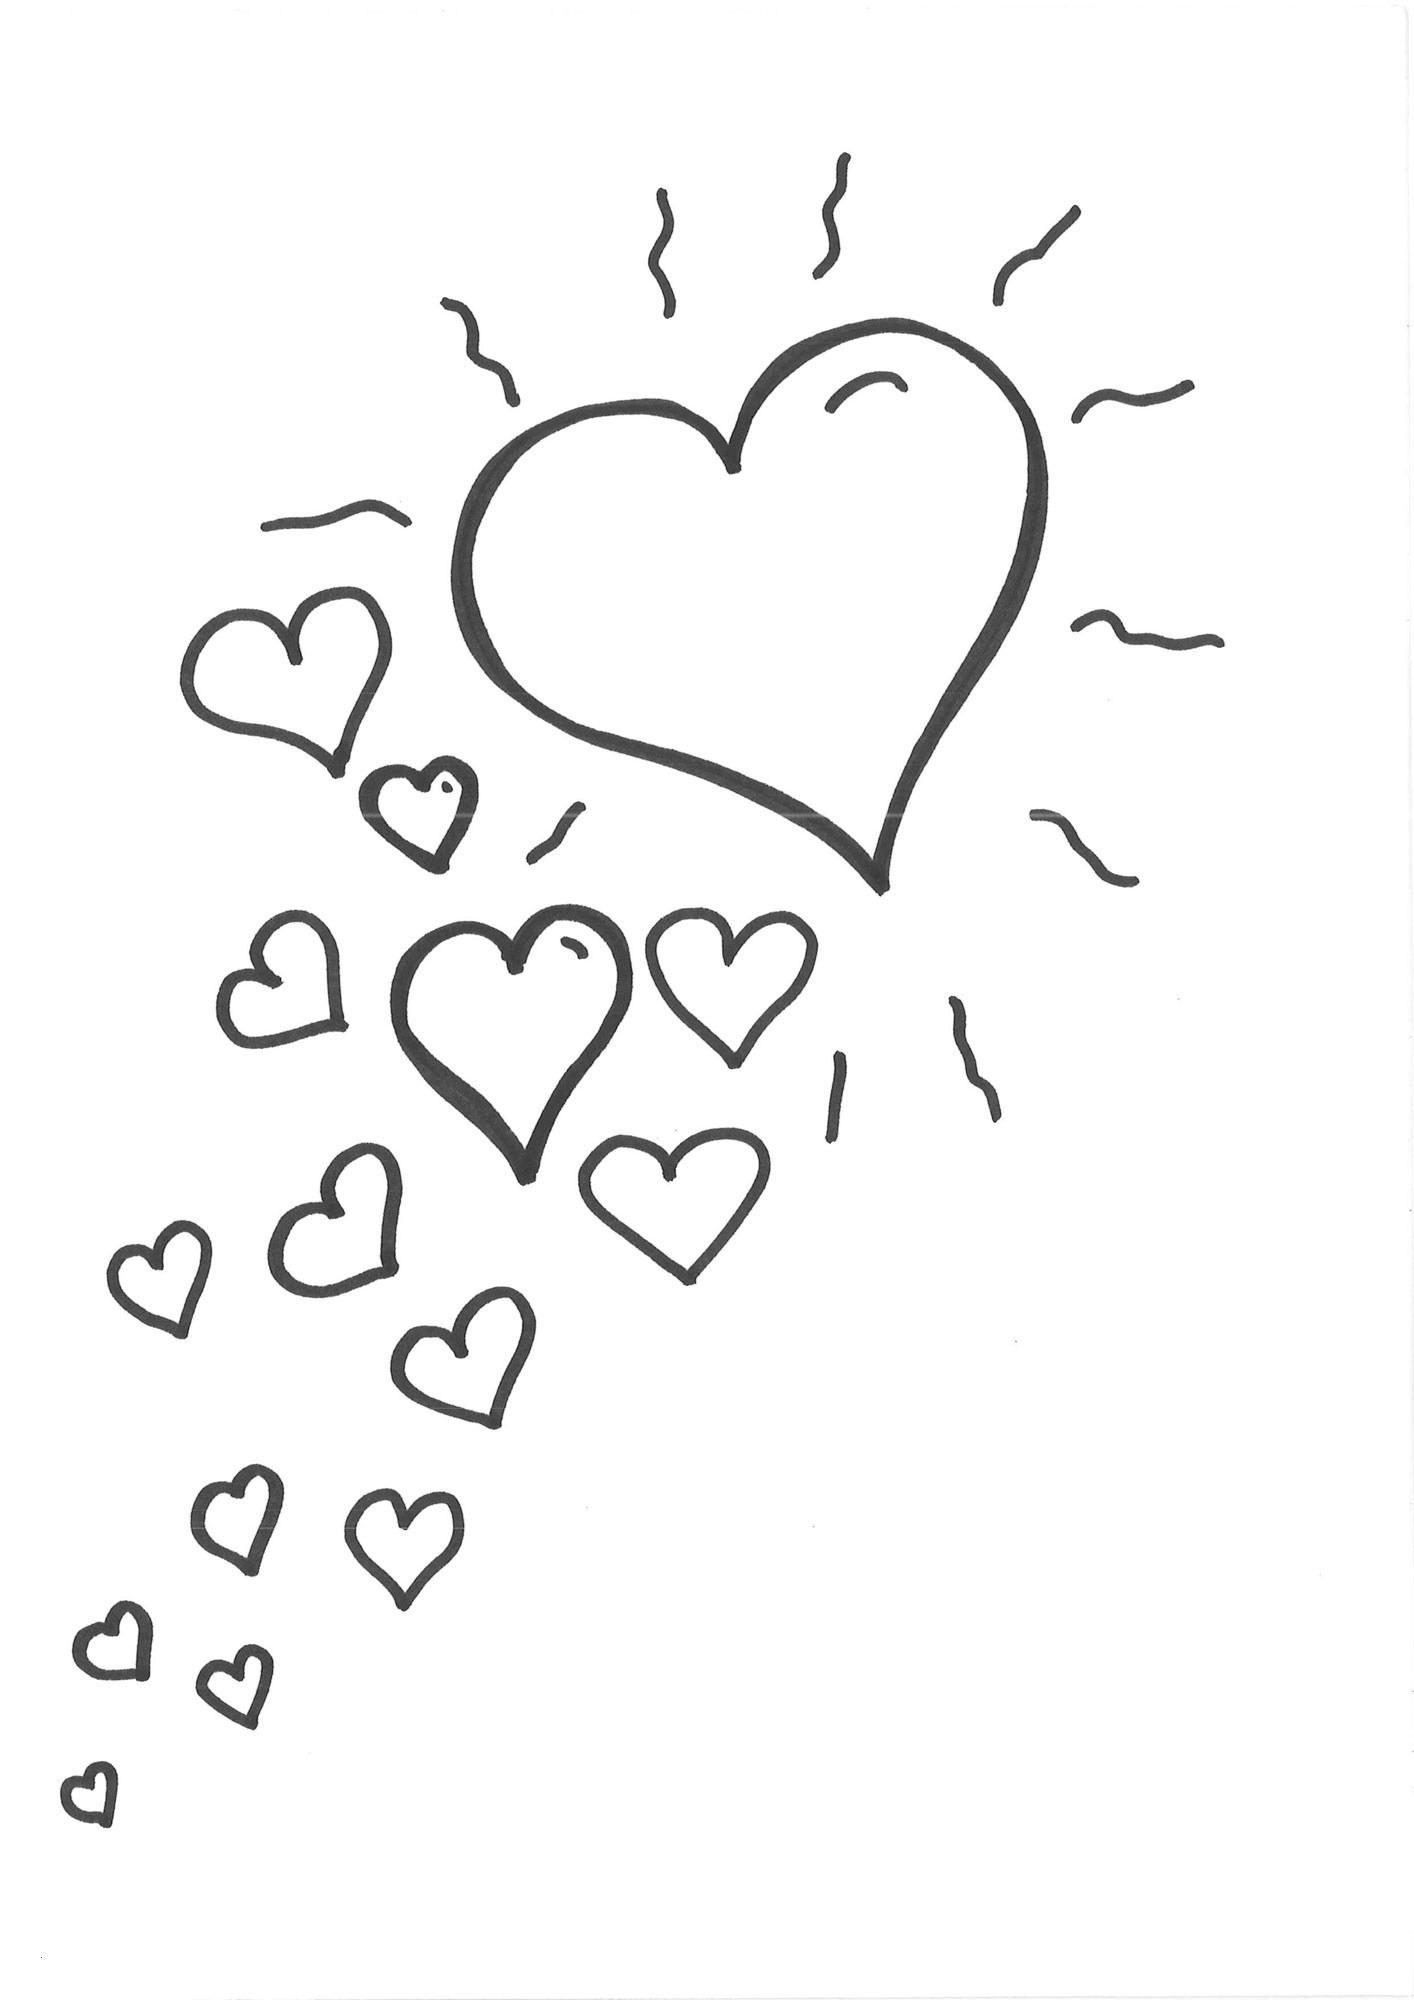 Rosen Mit Herzen Ausmalbilder Einzigartig 40 Ausmalbilder Liebe Scoredatscore Elegant Herzen Mit Rosen Das Bild